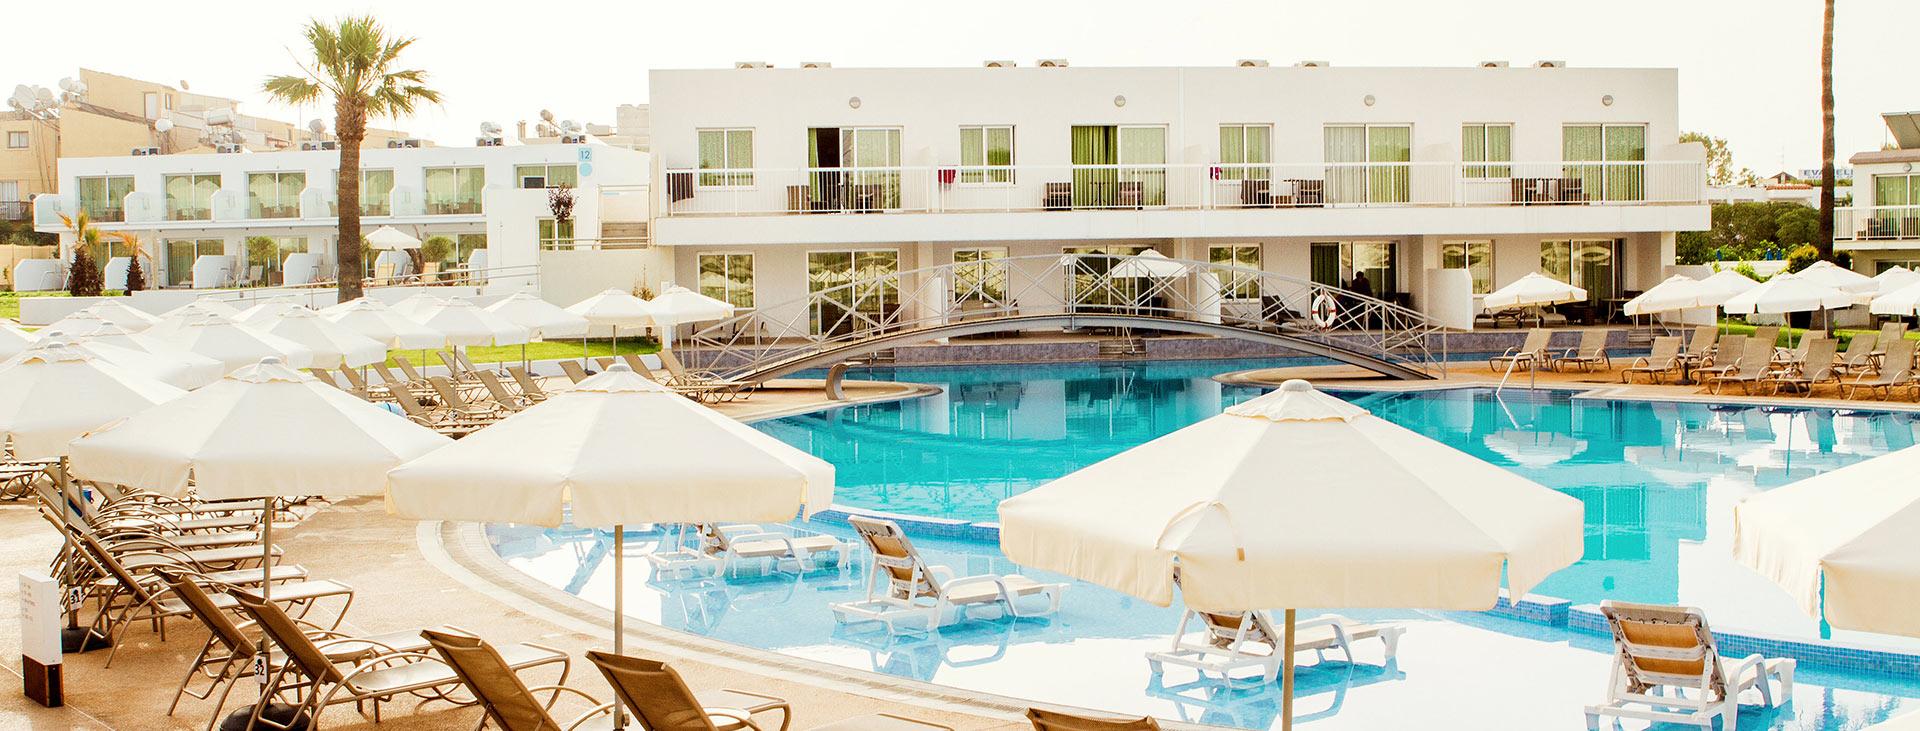 Karta Cypern Flygplats.Sunprime Ayia Napa Suites Ett Av Vara Populara Barnfria Hotell I